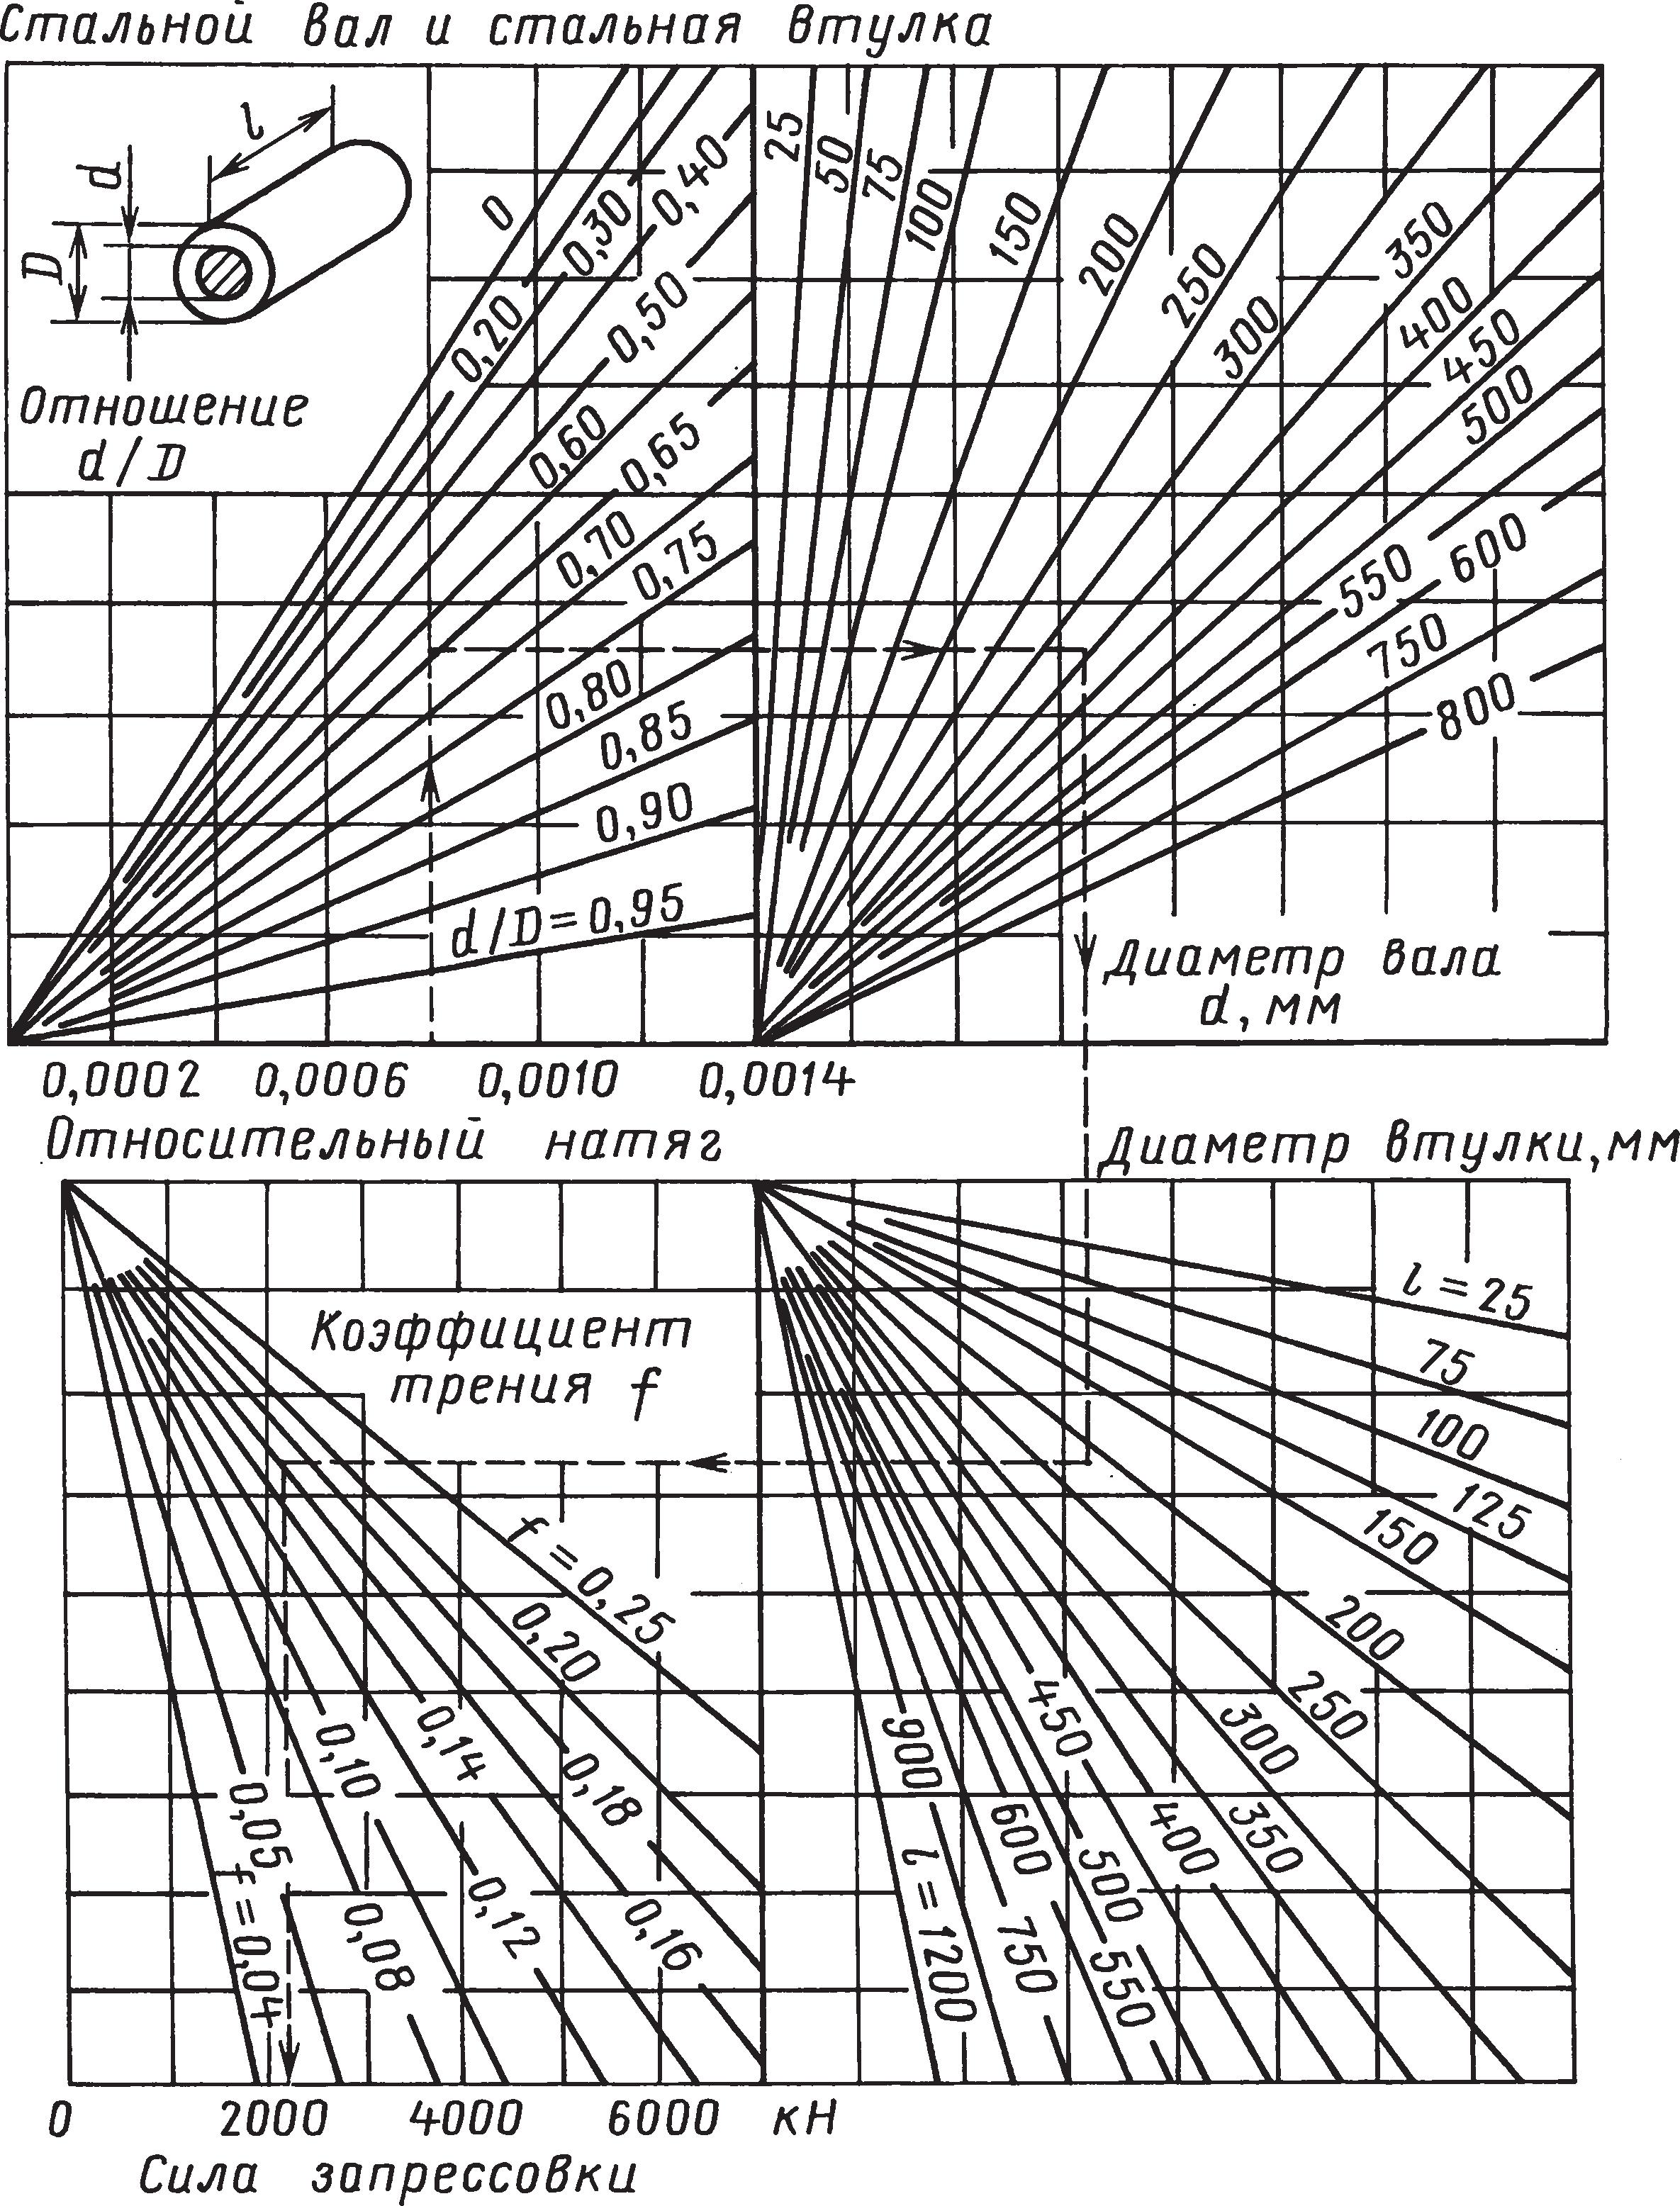 Номограмма для определения сил запрессовки и распрессовки соединений